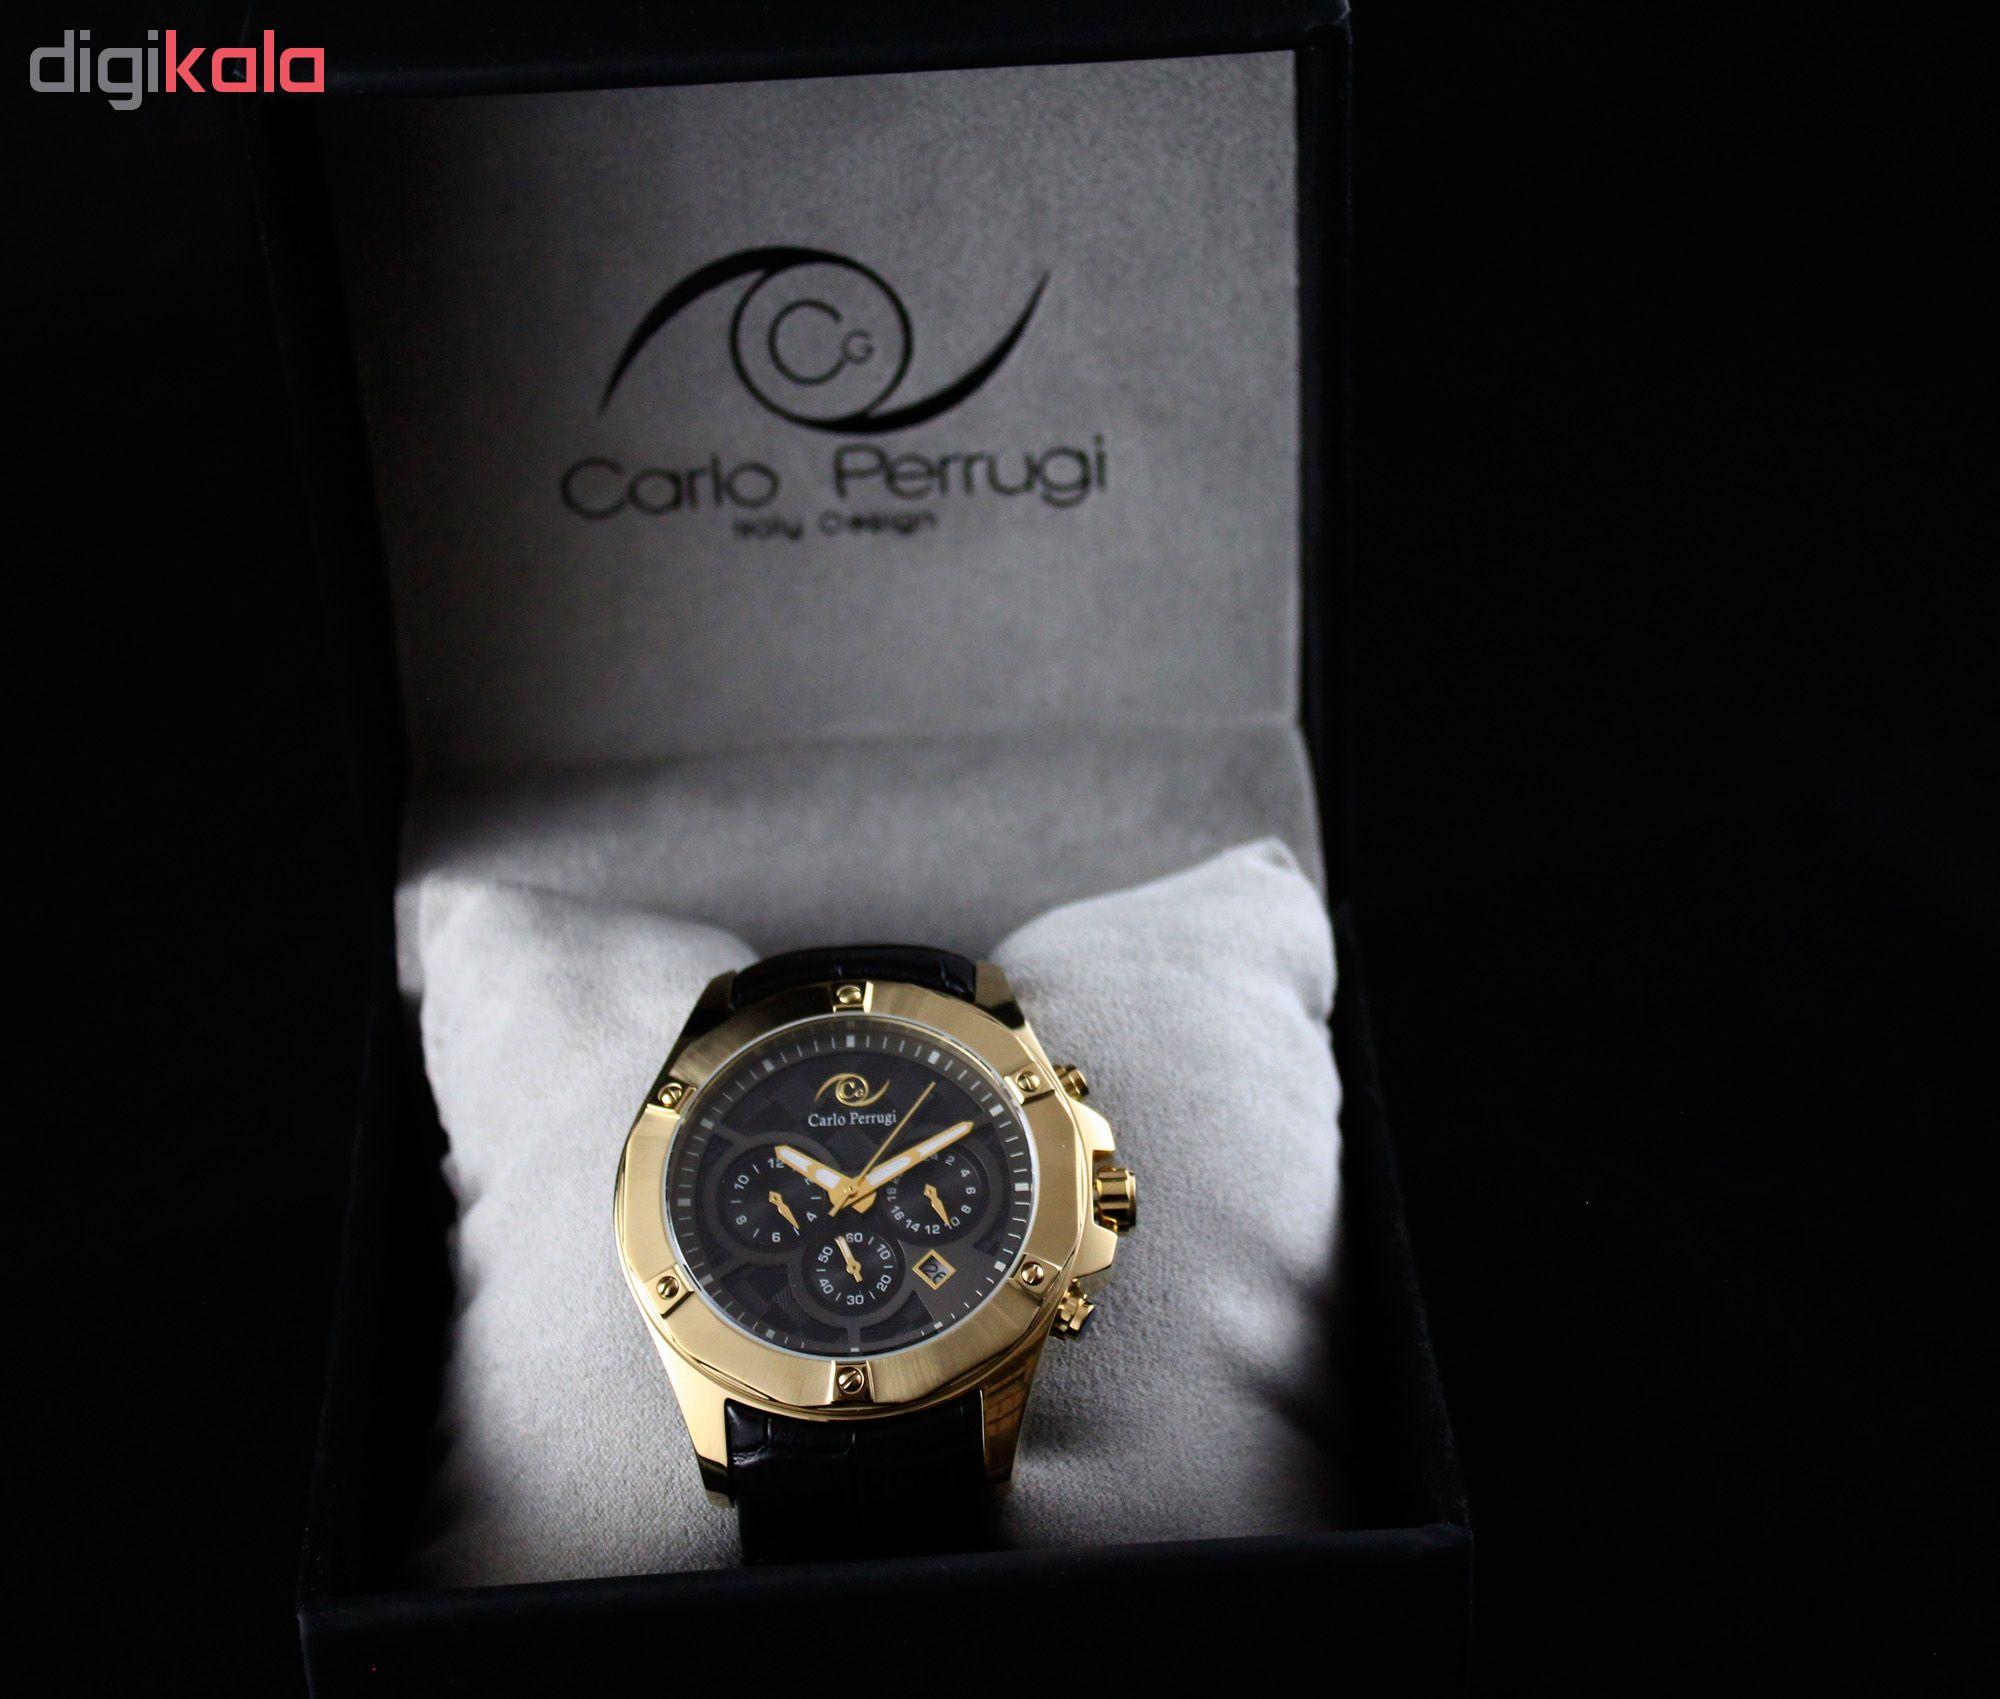 ساعت مچی عقربه ای مردانه کارلو پروجی مدل CG2043-5